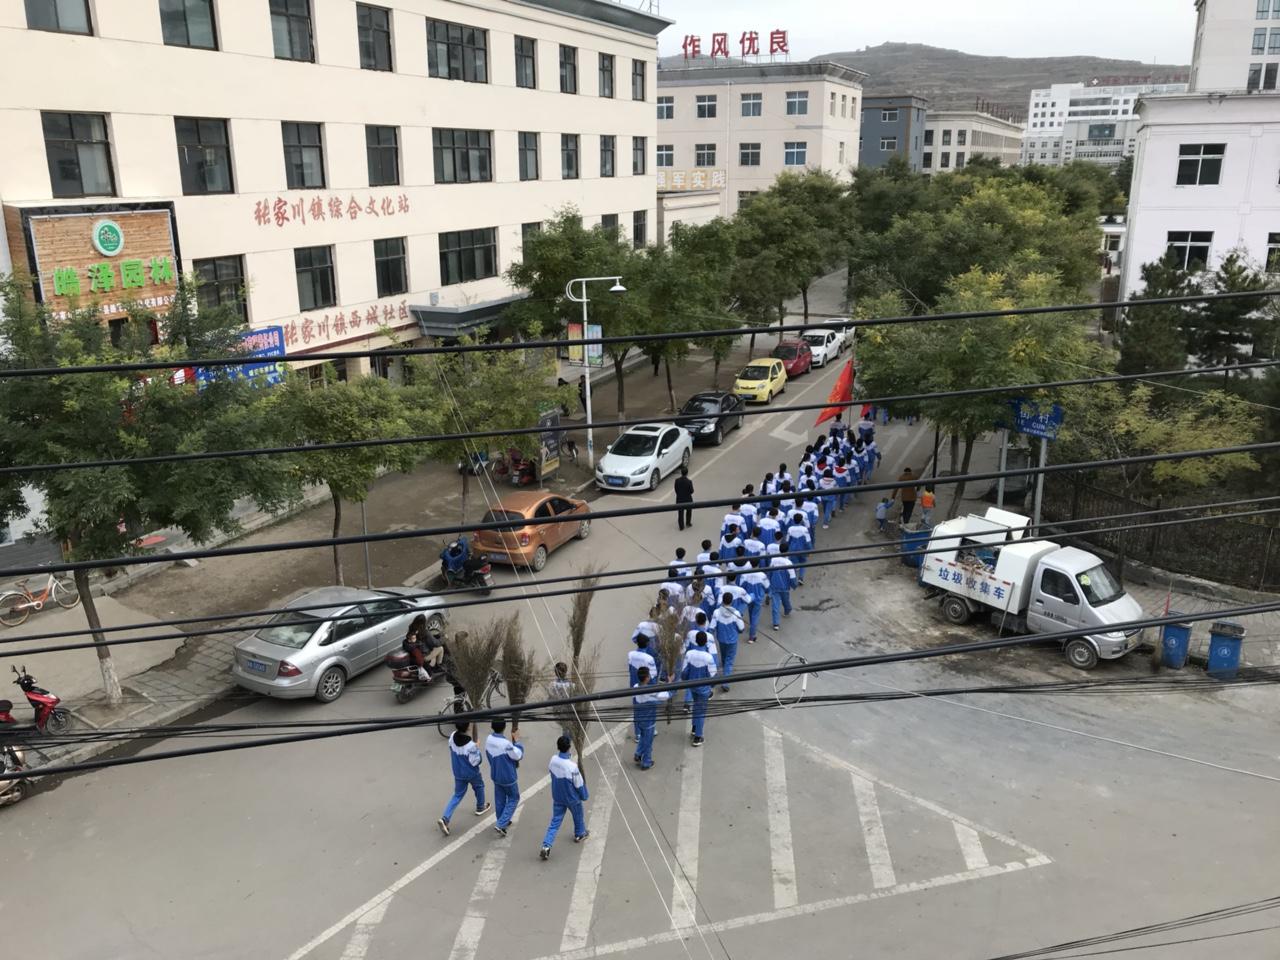 张家川街道上的学生扫帚队真威武